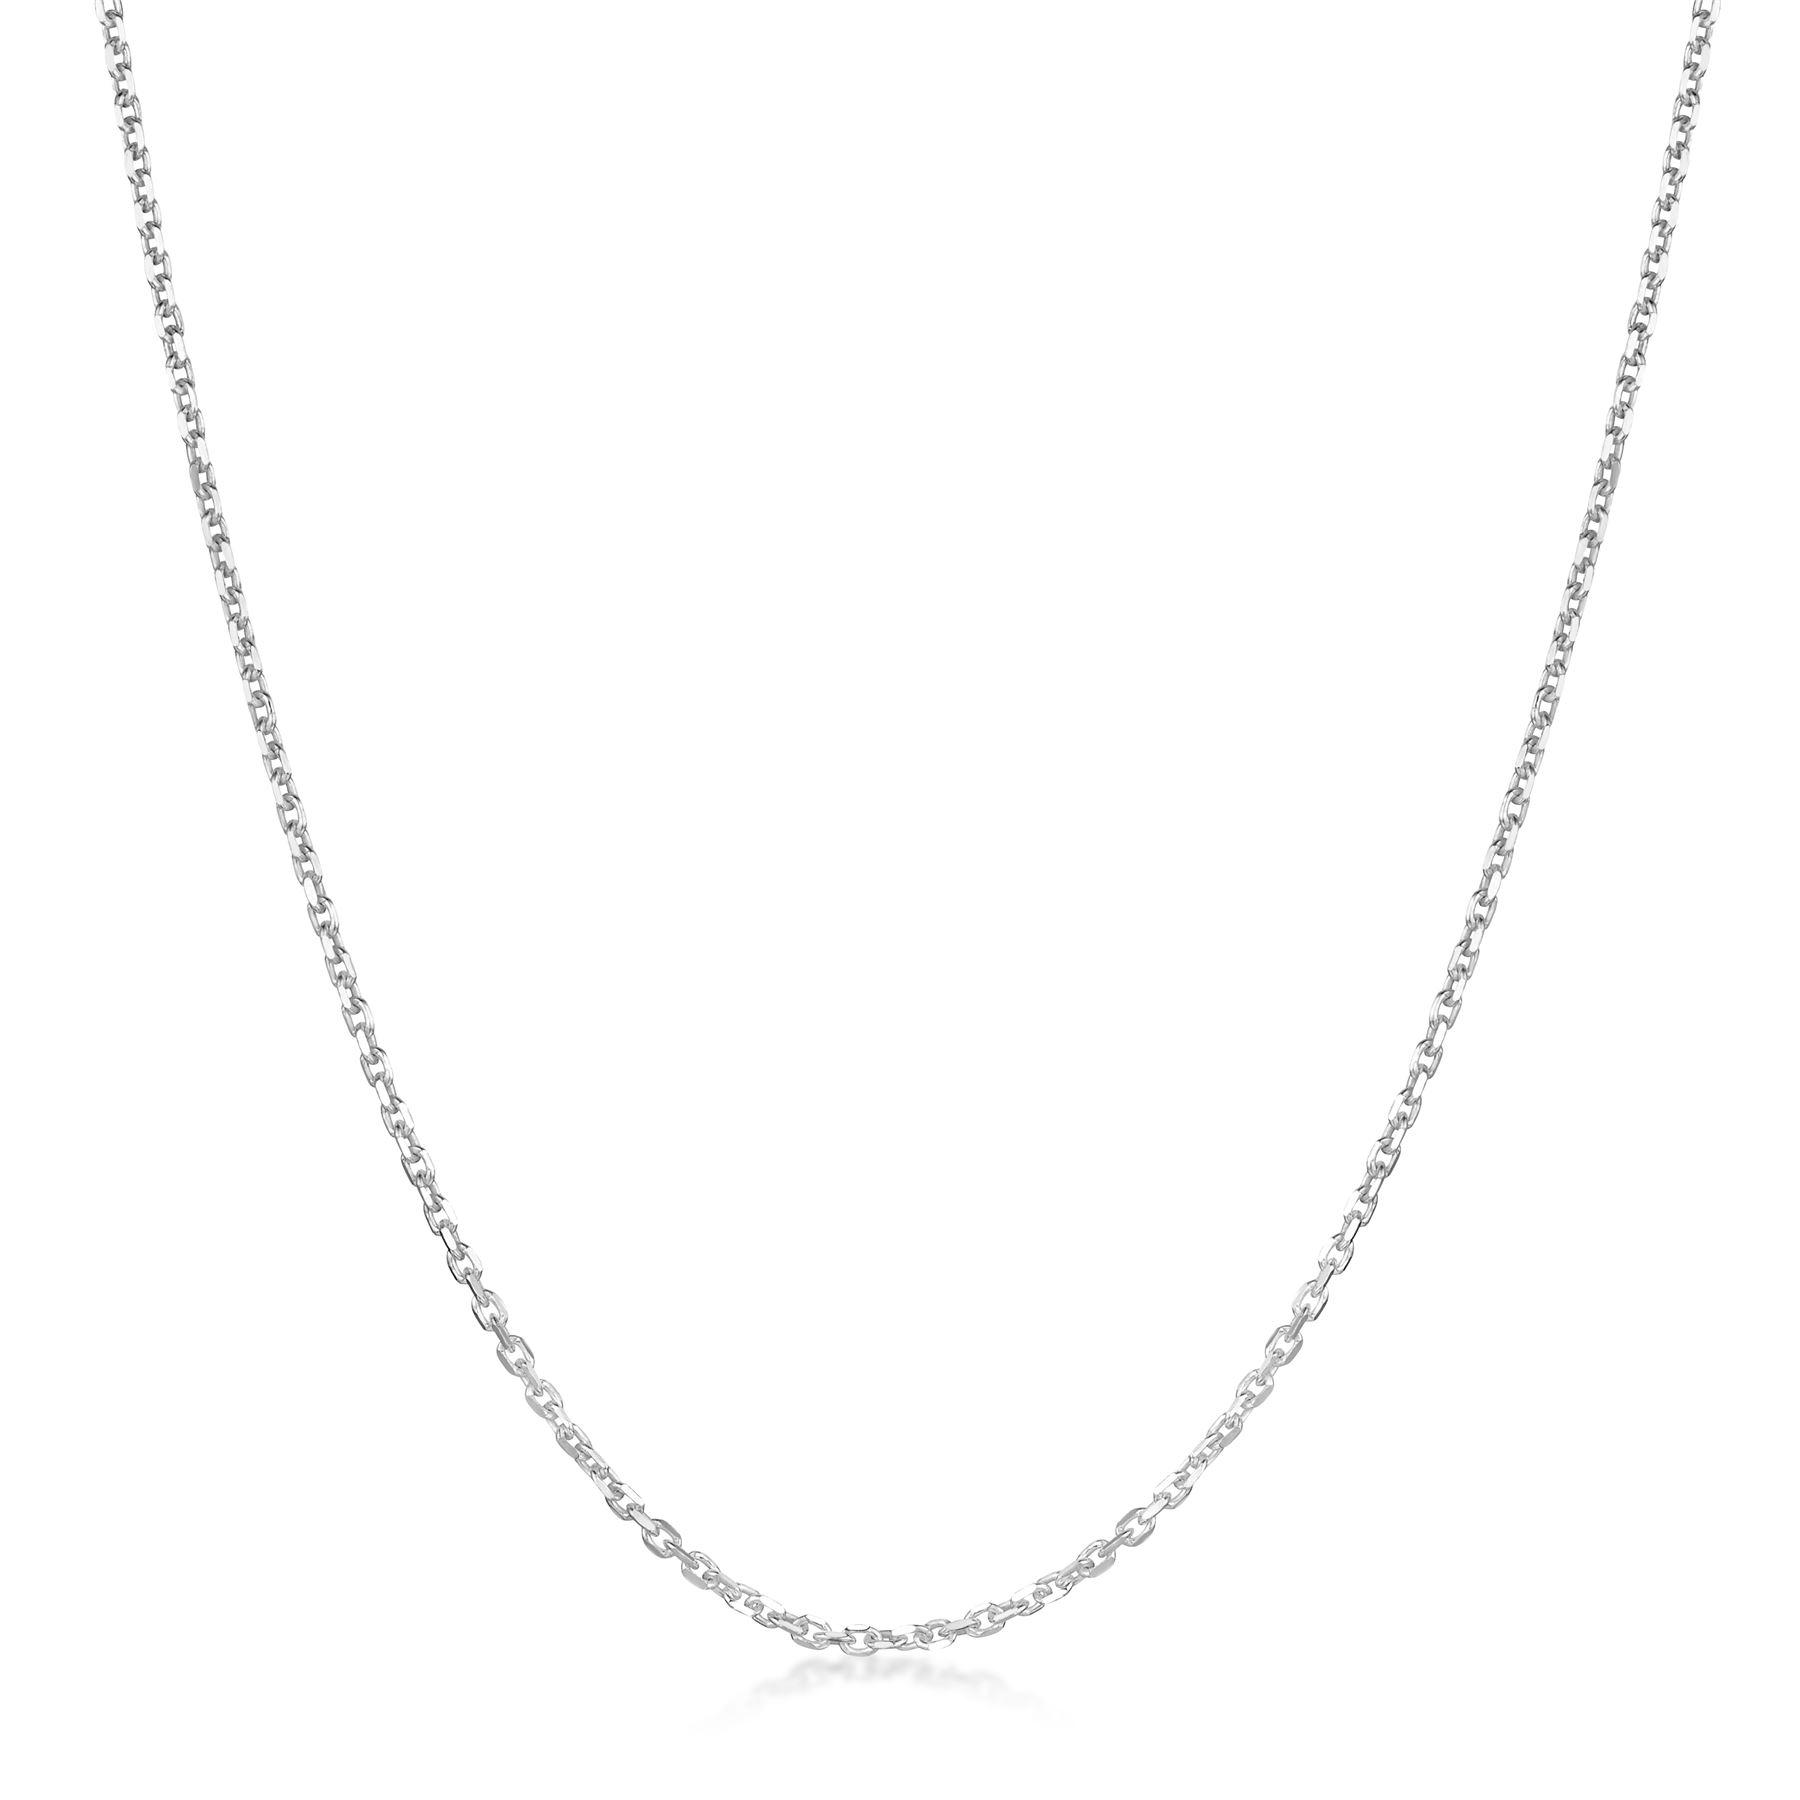 Amberta-Collar-en-Plata-De-Ley-925-Autentica-Cadena-para-Mujer-y-Hombre-Italiana miniatura 41